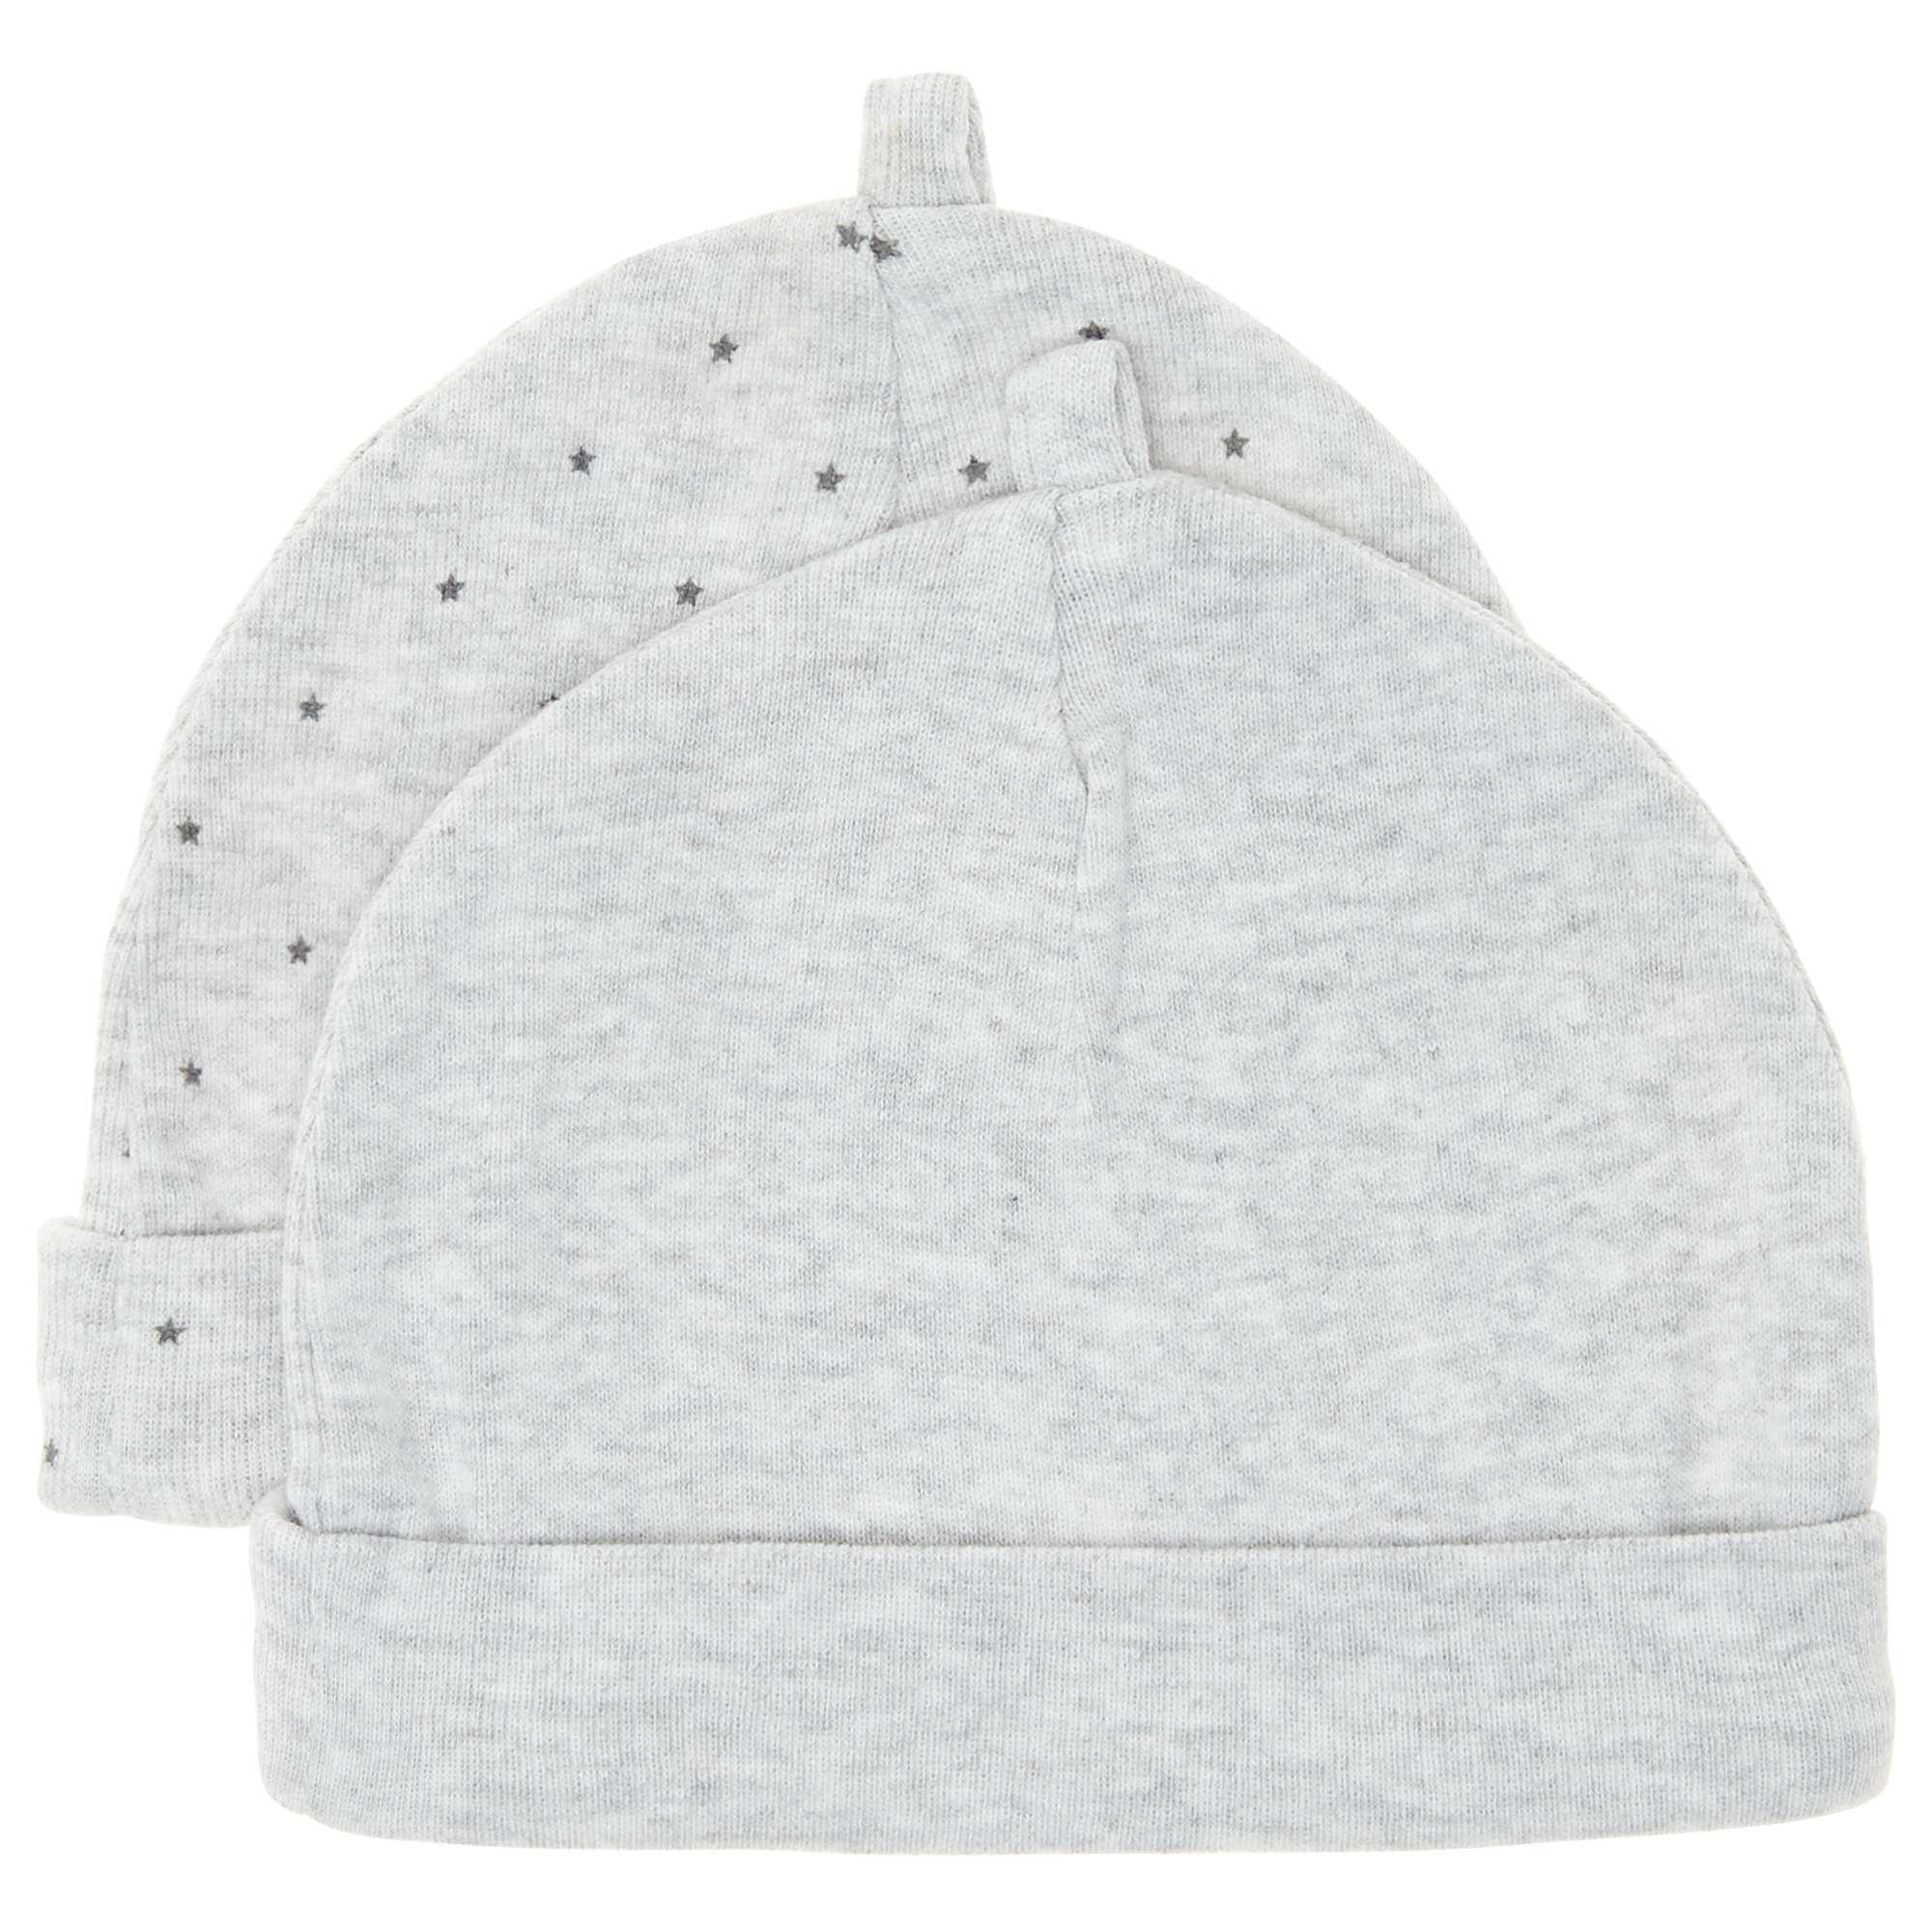 00218ae53 Pack de 2 gorros de algodón orgánico gris Bebé niño. Loading zoom. Haz clic  en la imagen para agrandar. zoom. Agregar a mi wishlist 4